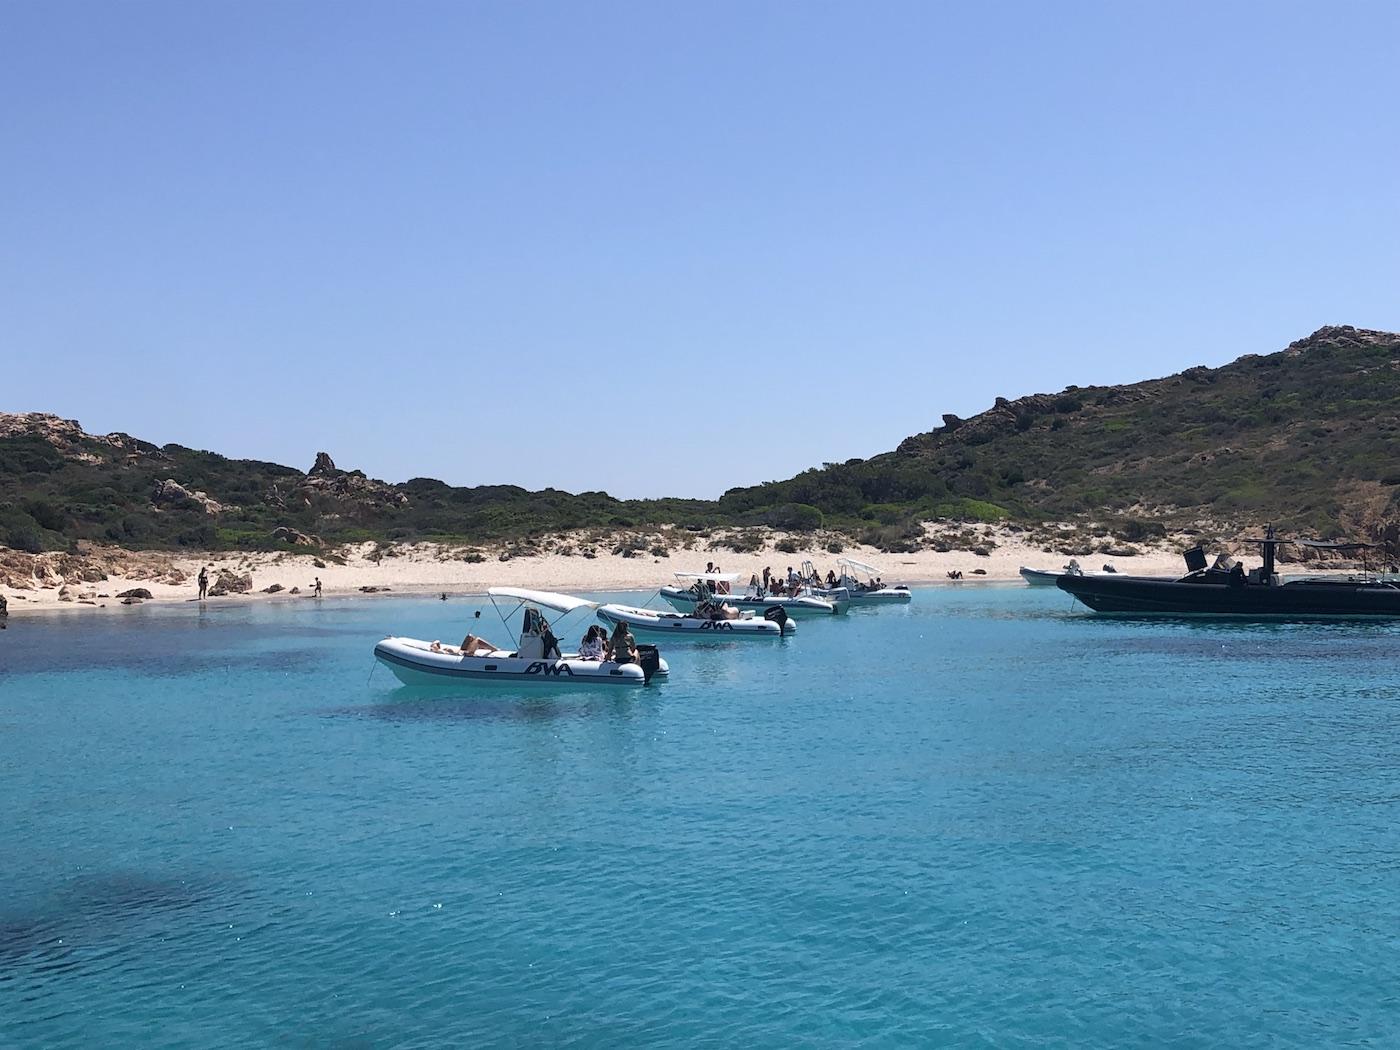 L'isola di Mortorio, raggiungibile in barca da Porto Rotondo